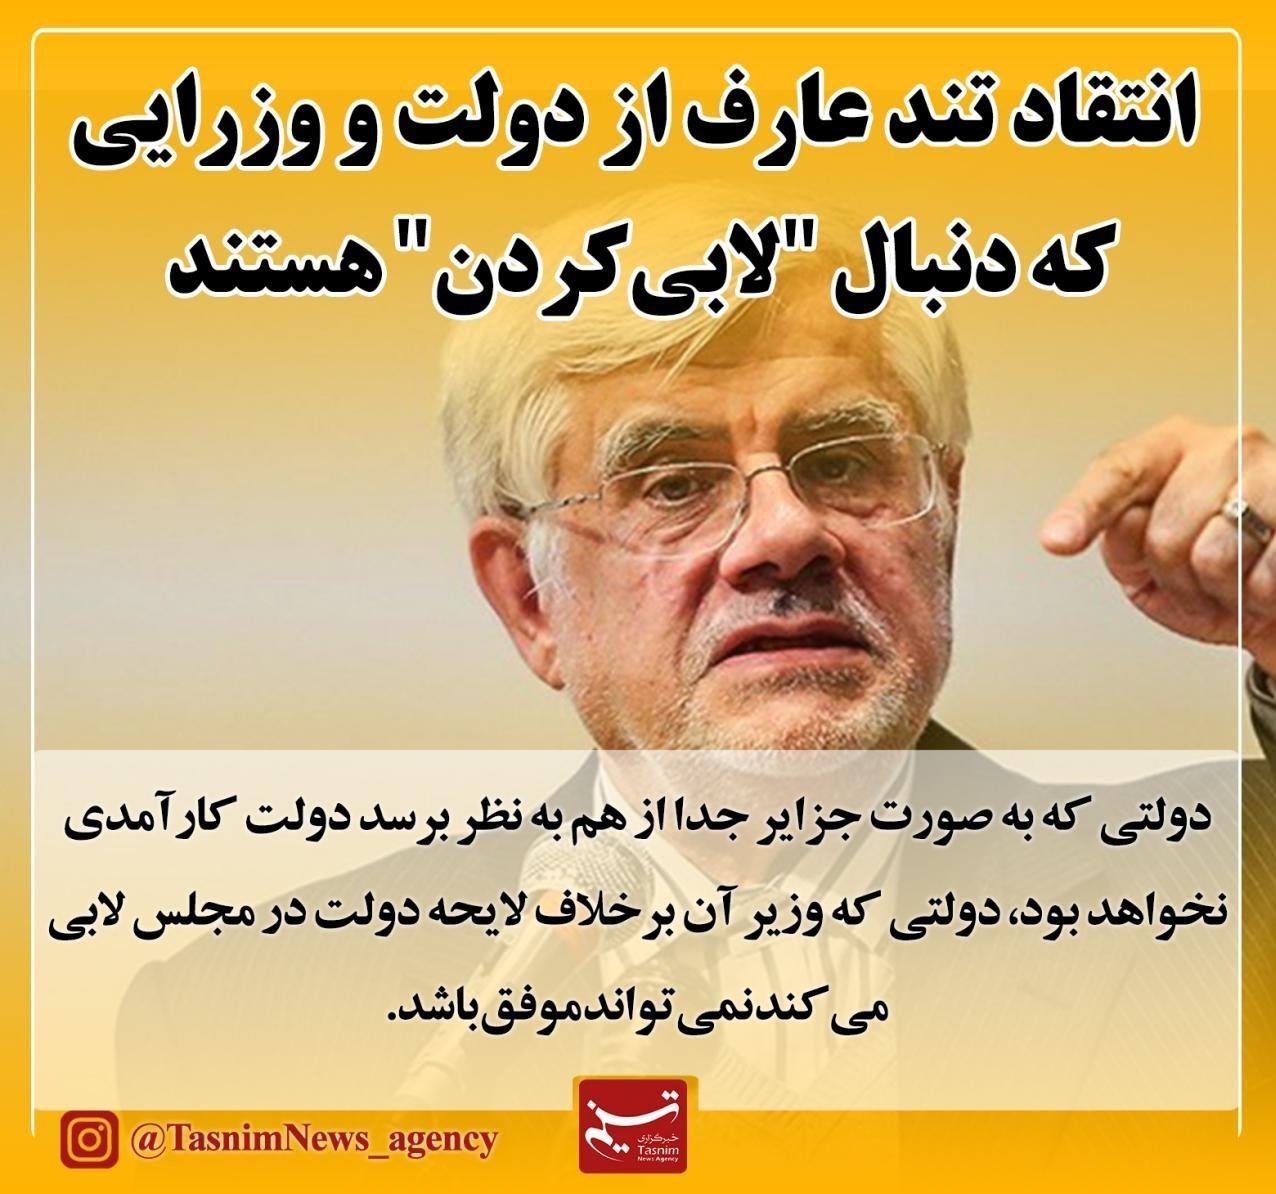 """فتوتیتر/ انتقاد تند عارف از دولت و وزرایی که دنبال """"لابیکردن"""" هستند"""